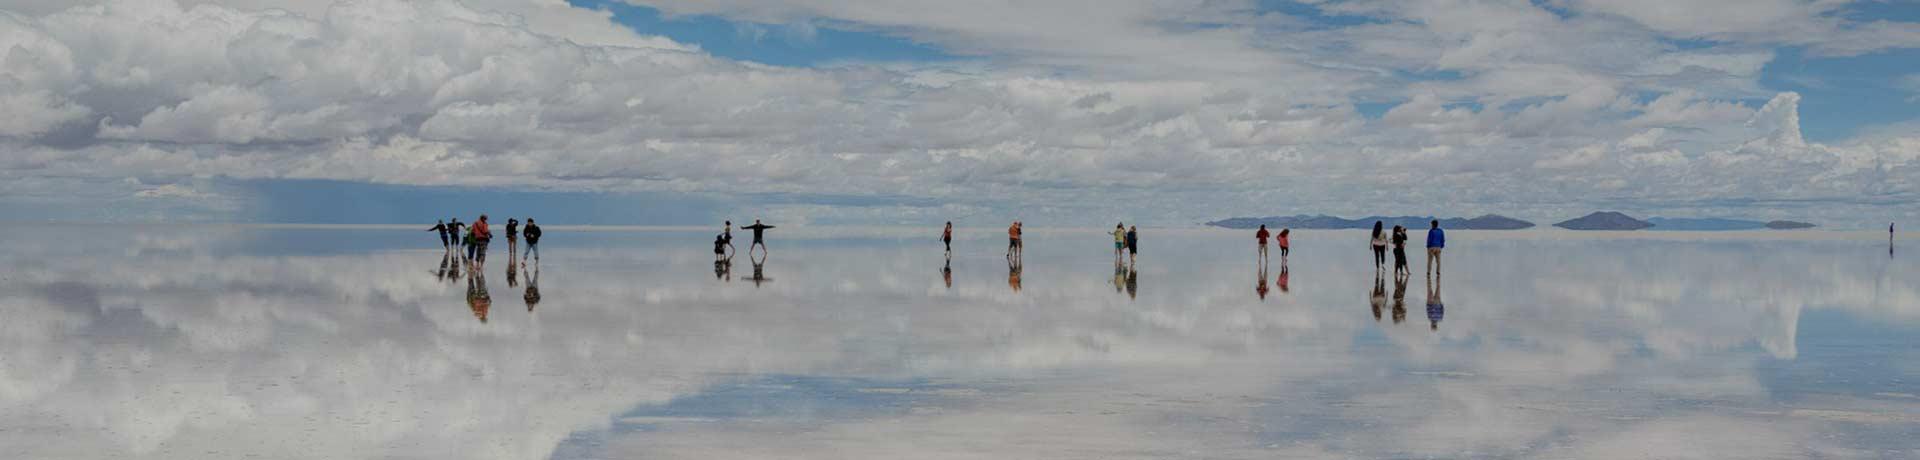 볼리비아 우유니사막 12일